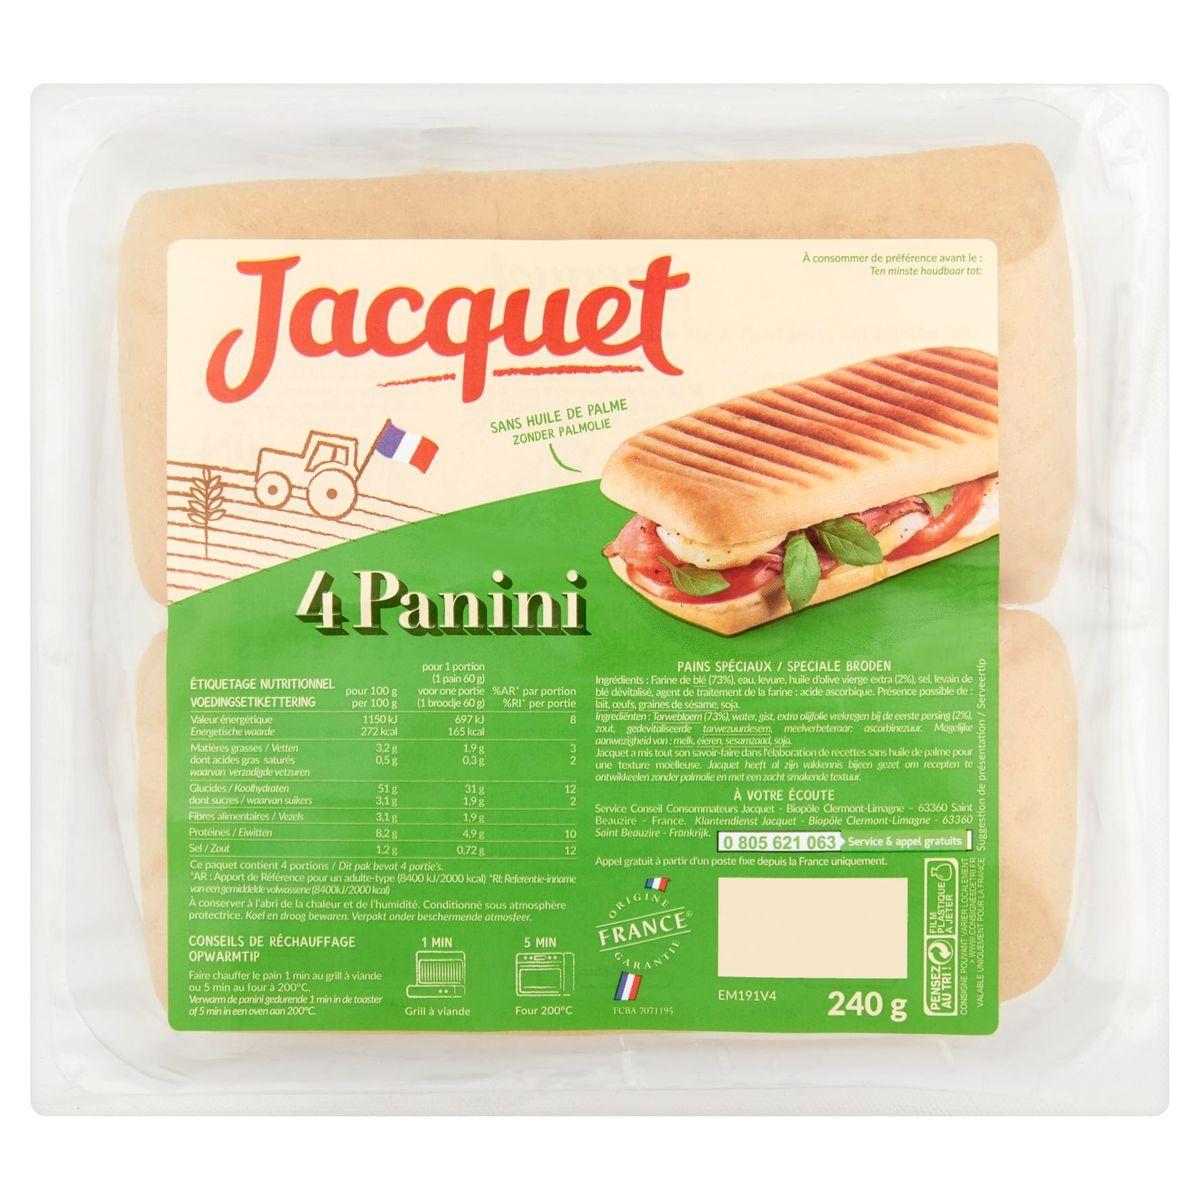 Jacquet Panini 4 Pièces 240 g